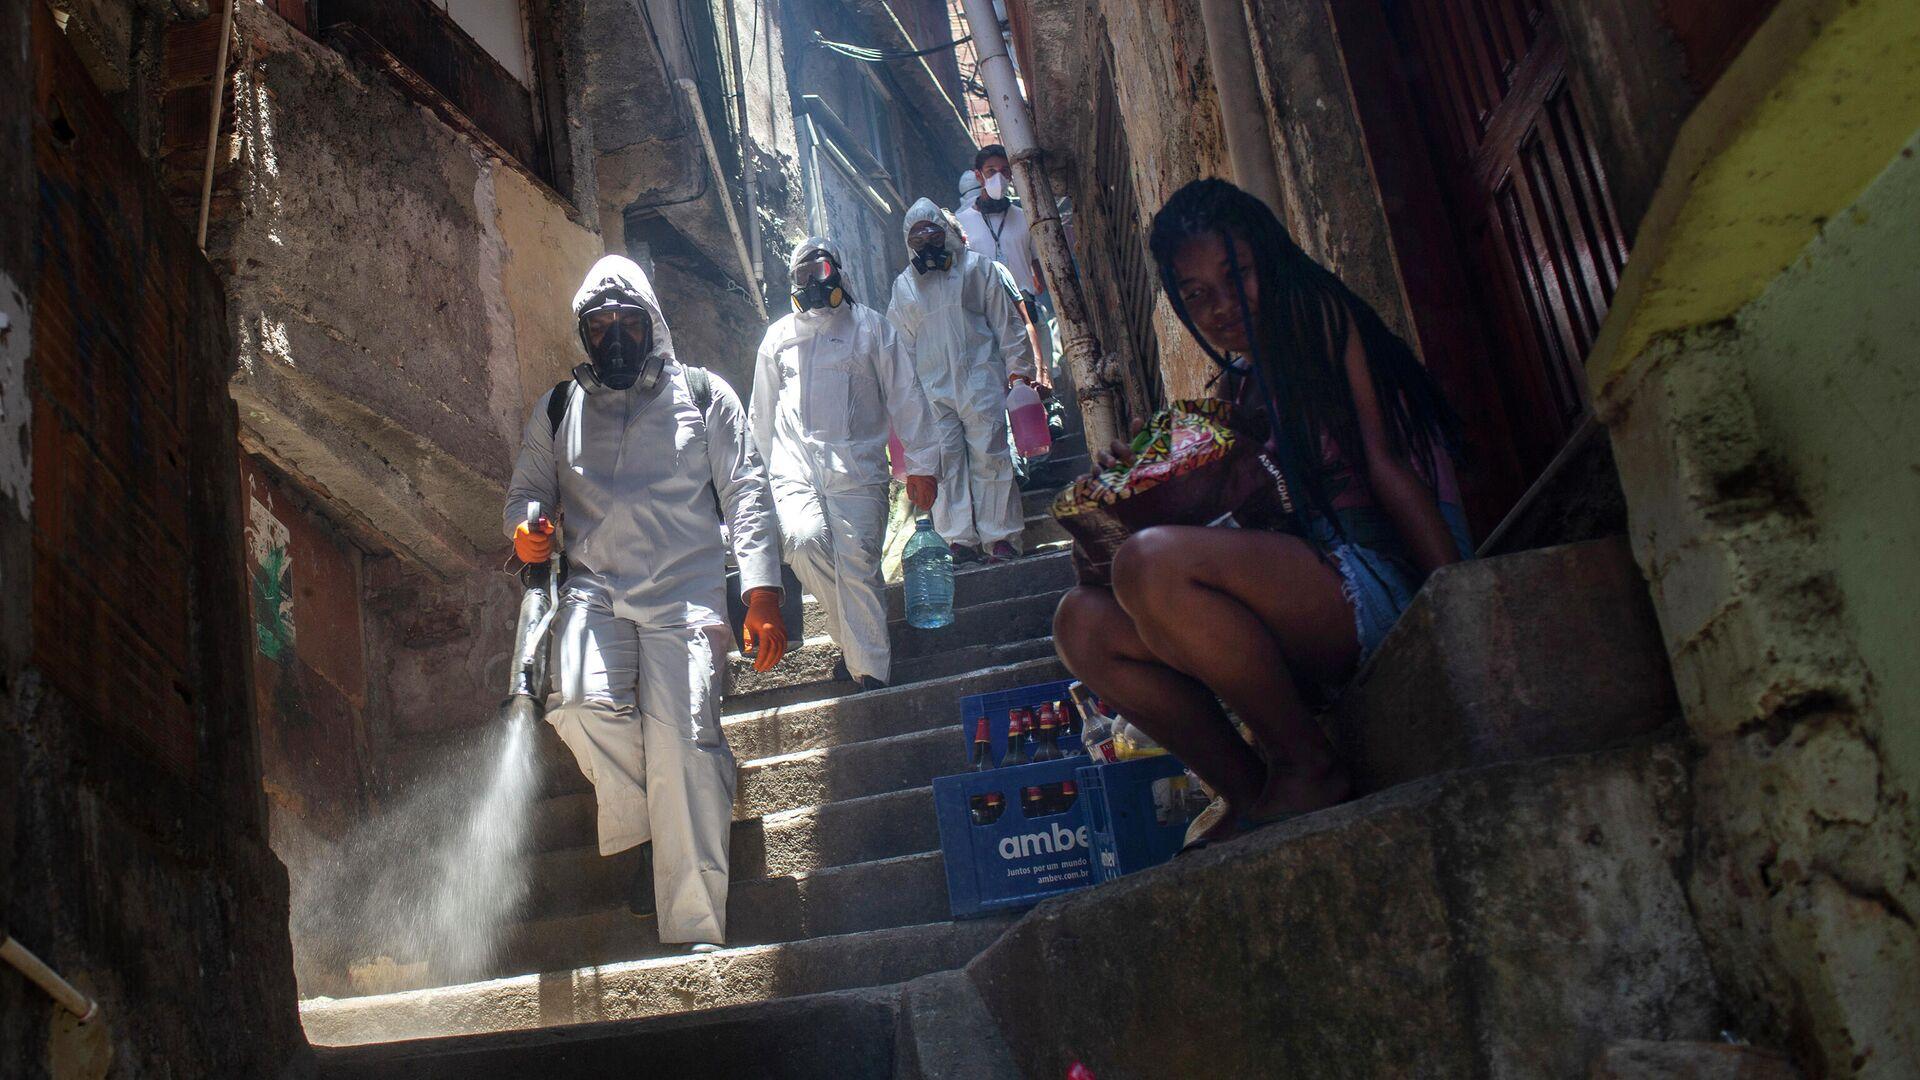 Волонтеры распыляют дезинфицирующее средство в трущобах Санта-Марта в Рио-де-Жанейро, Бразилия - РИА Новости, 1920, 23.12.2020